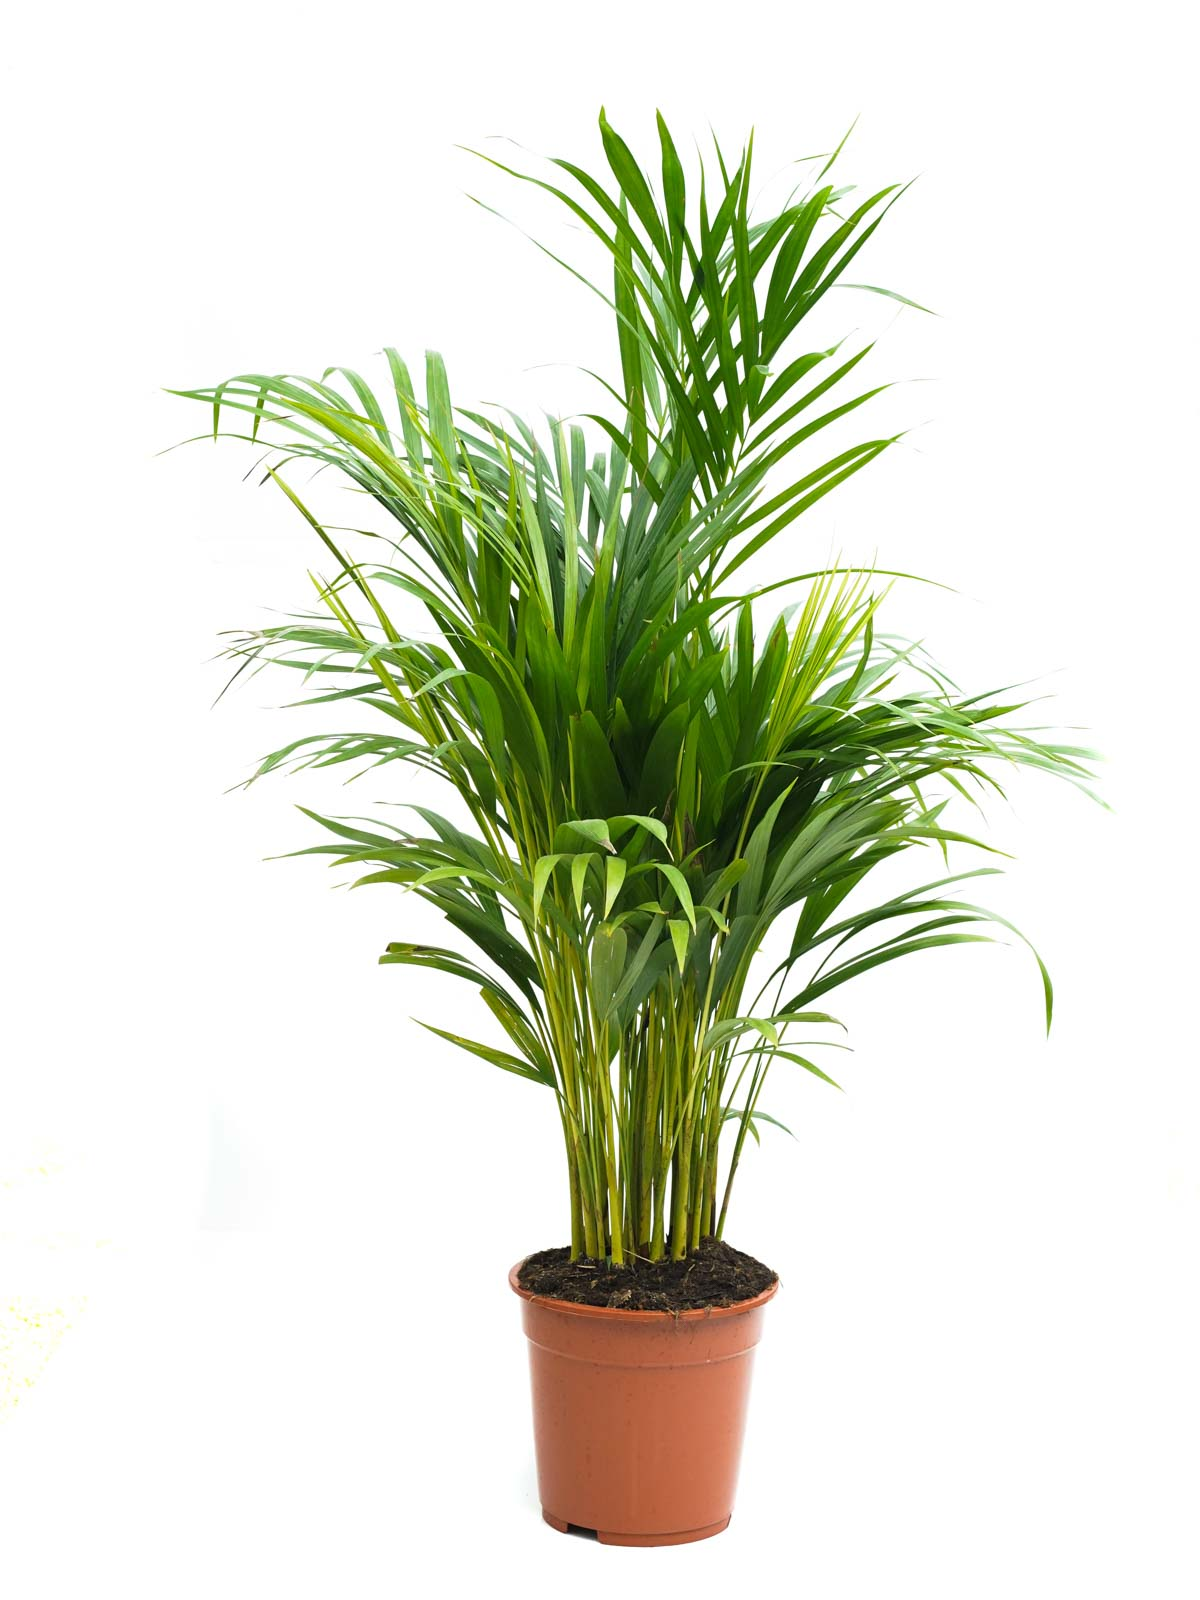 أريكا هولاند نباتات داخلية